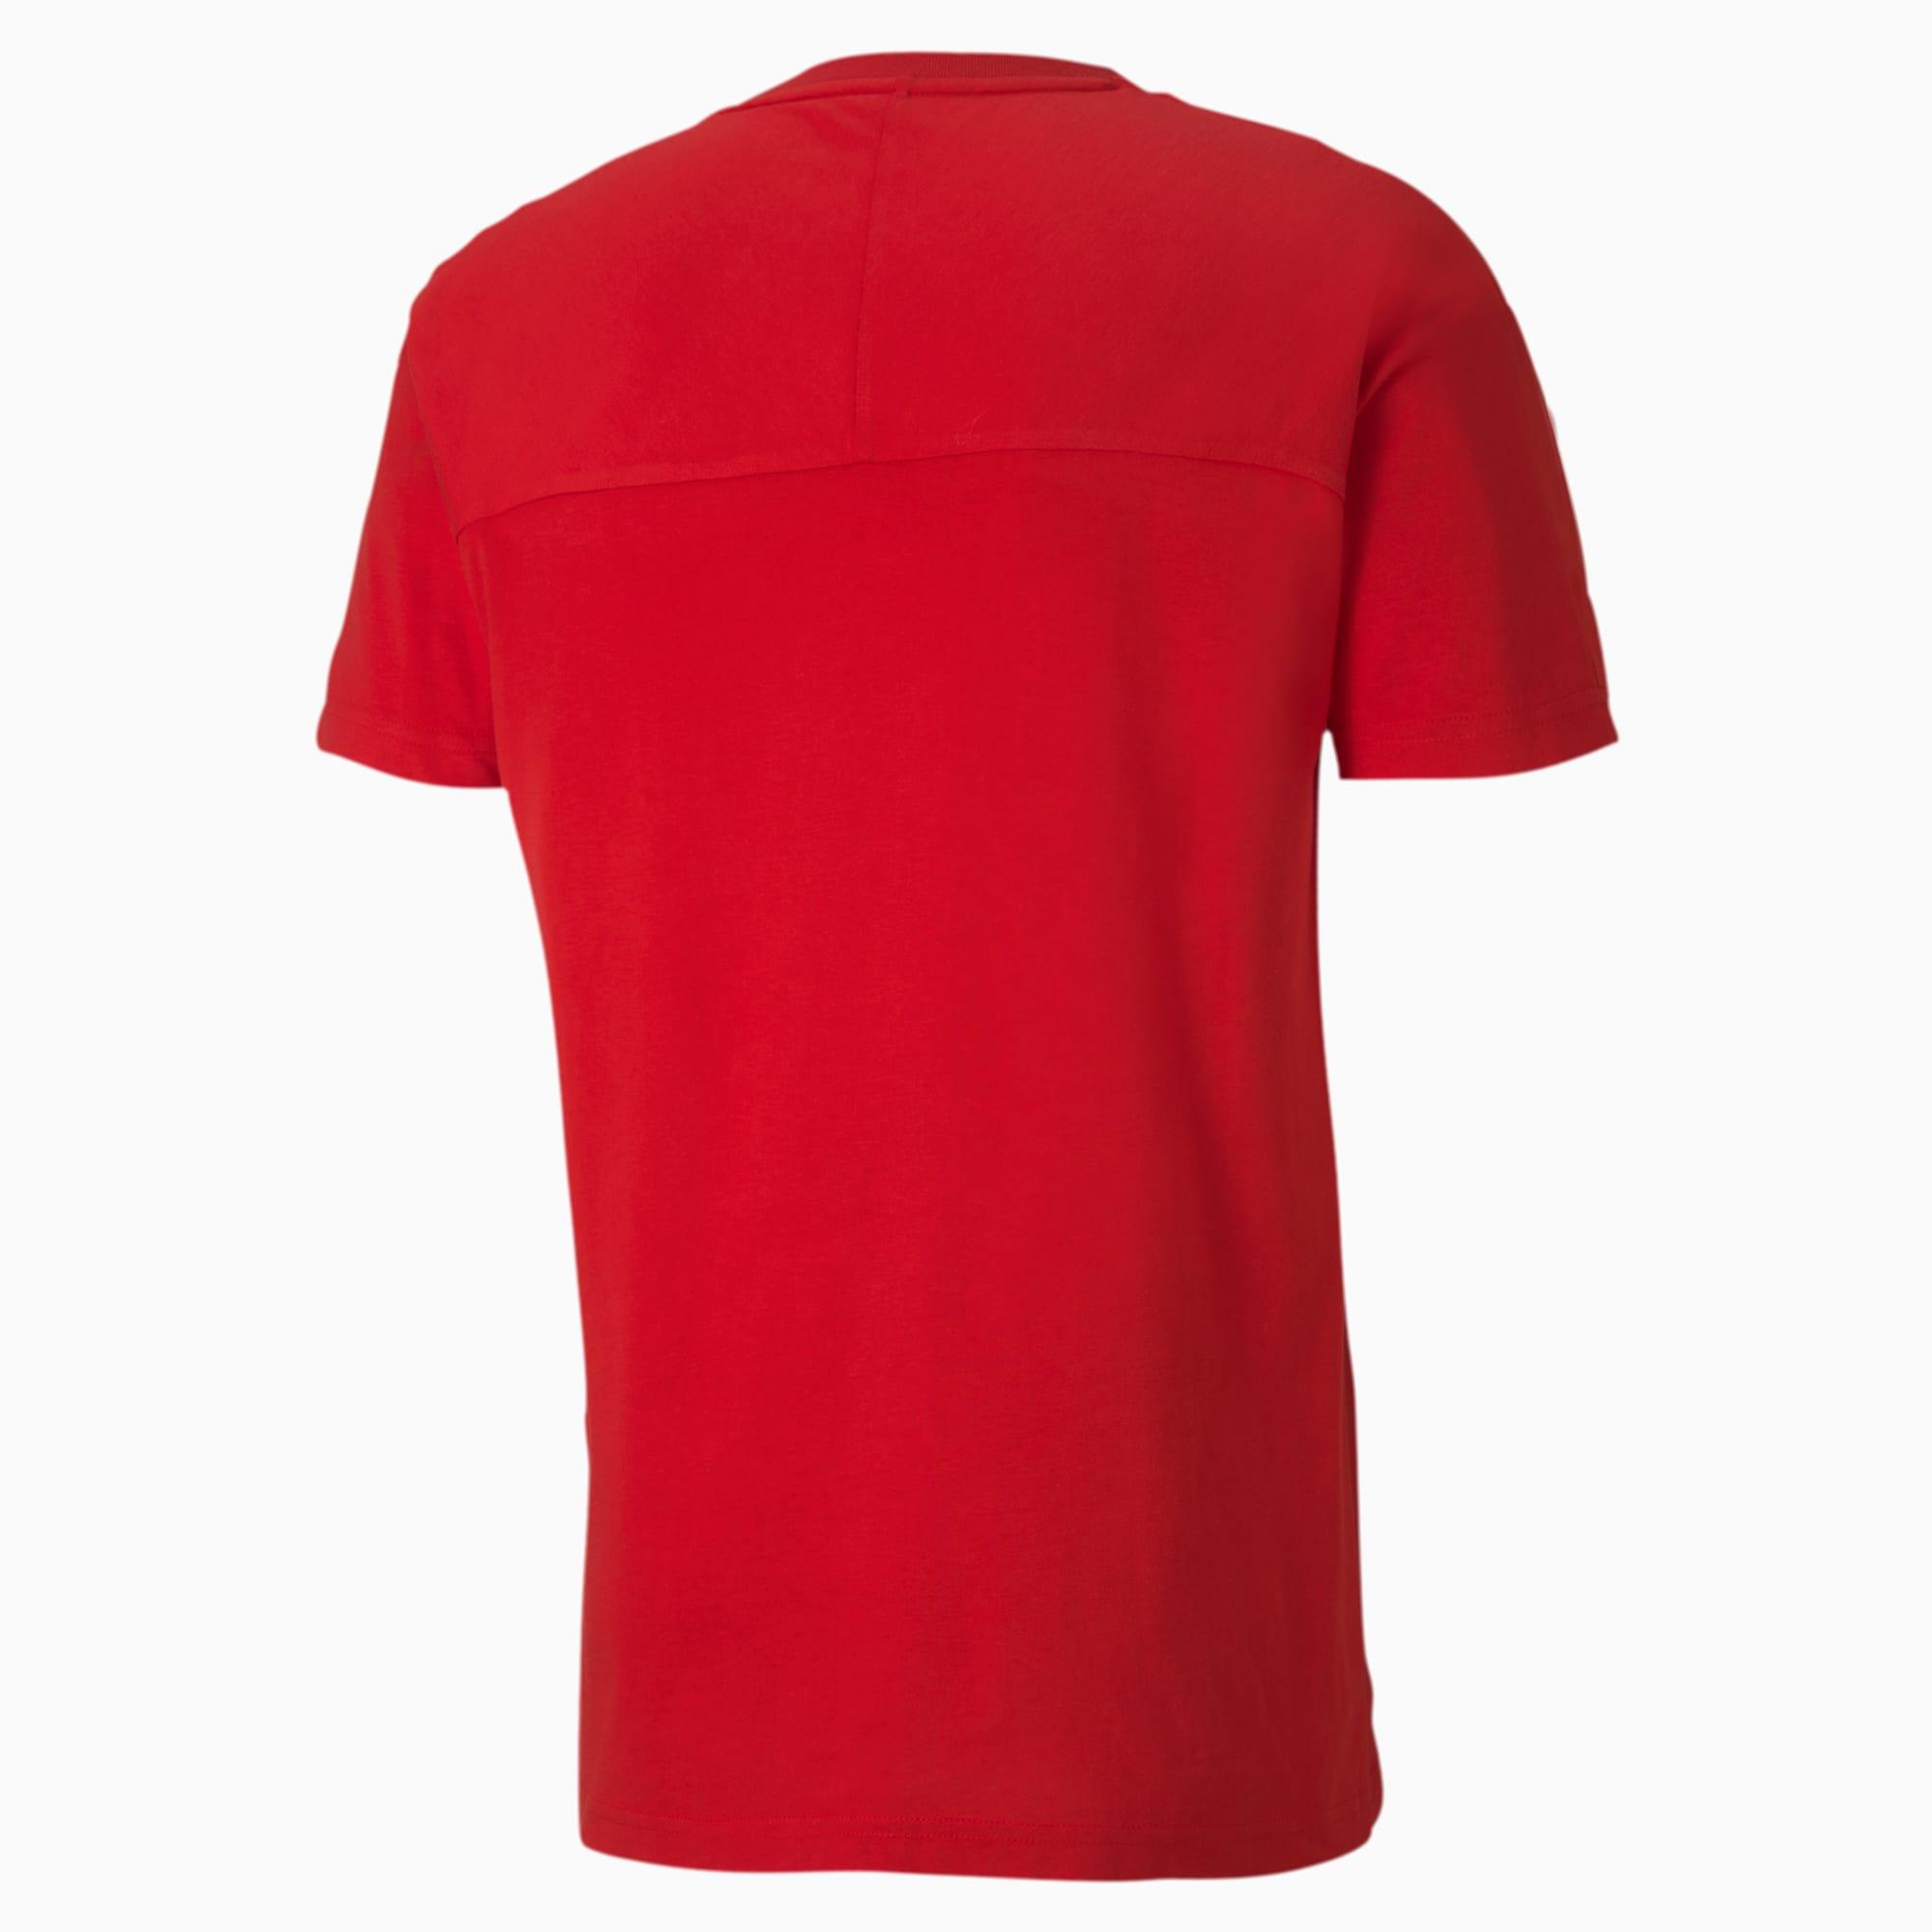 T-shirt da uomo FERRARI Classico in Cotone Girocollo Tee F1 Formula One 1 NUOVO Rosso XL